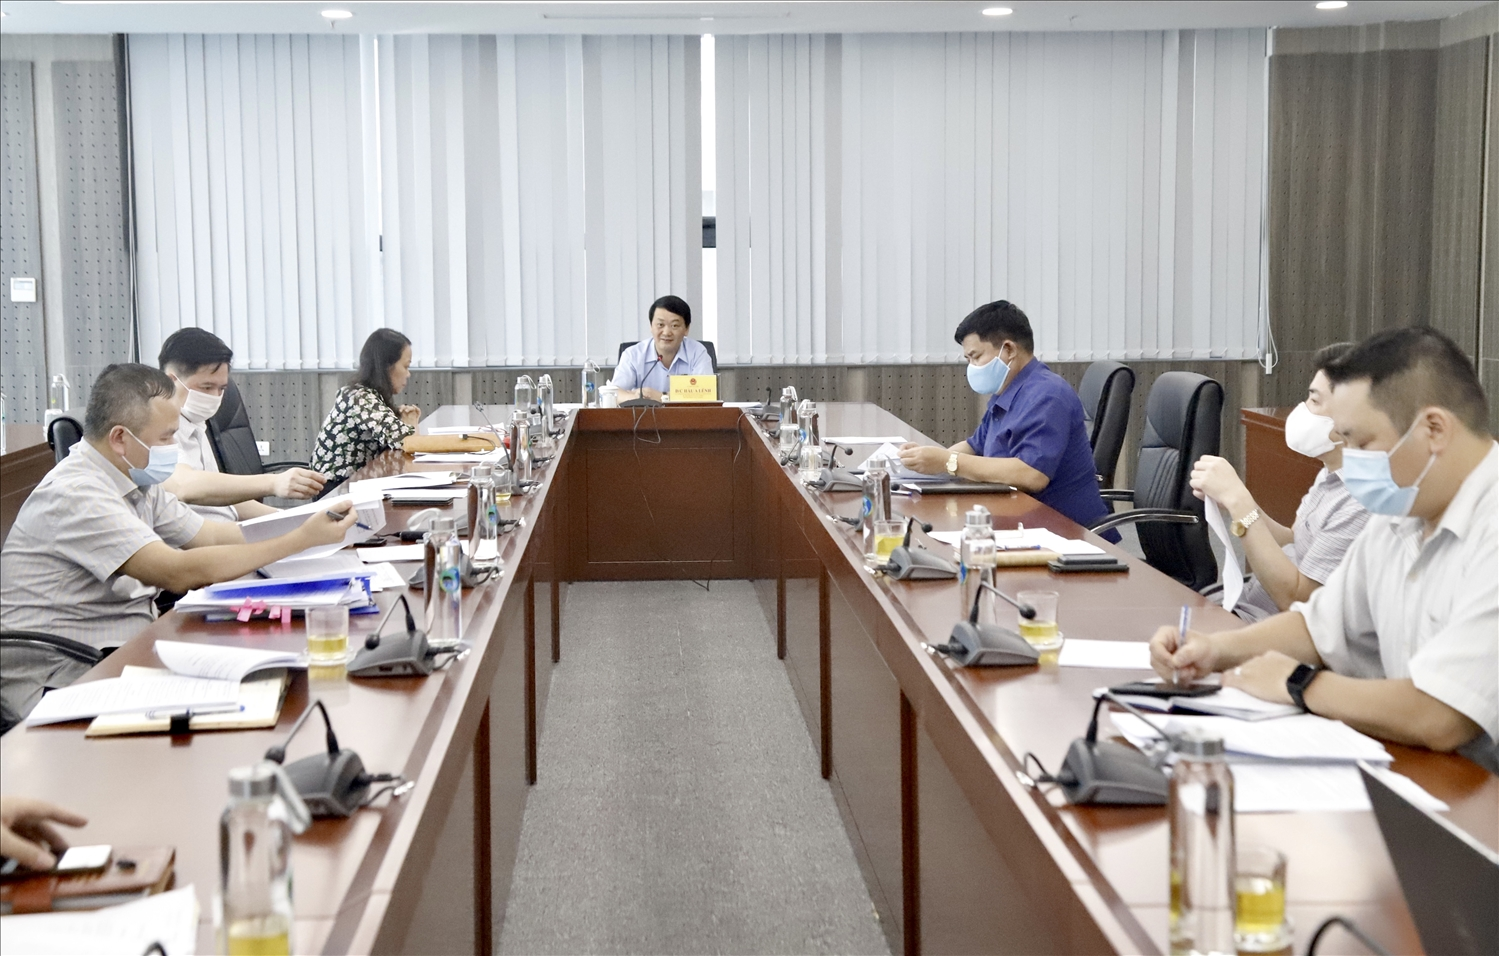 Bộ trưởng, Chủ nhiệm Hầu A Lềnh chủ trì cuộc họp